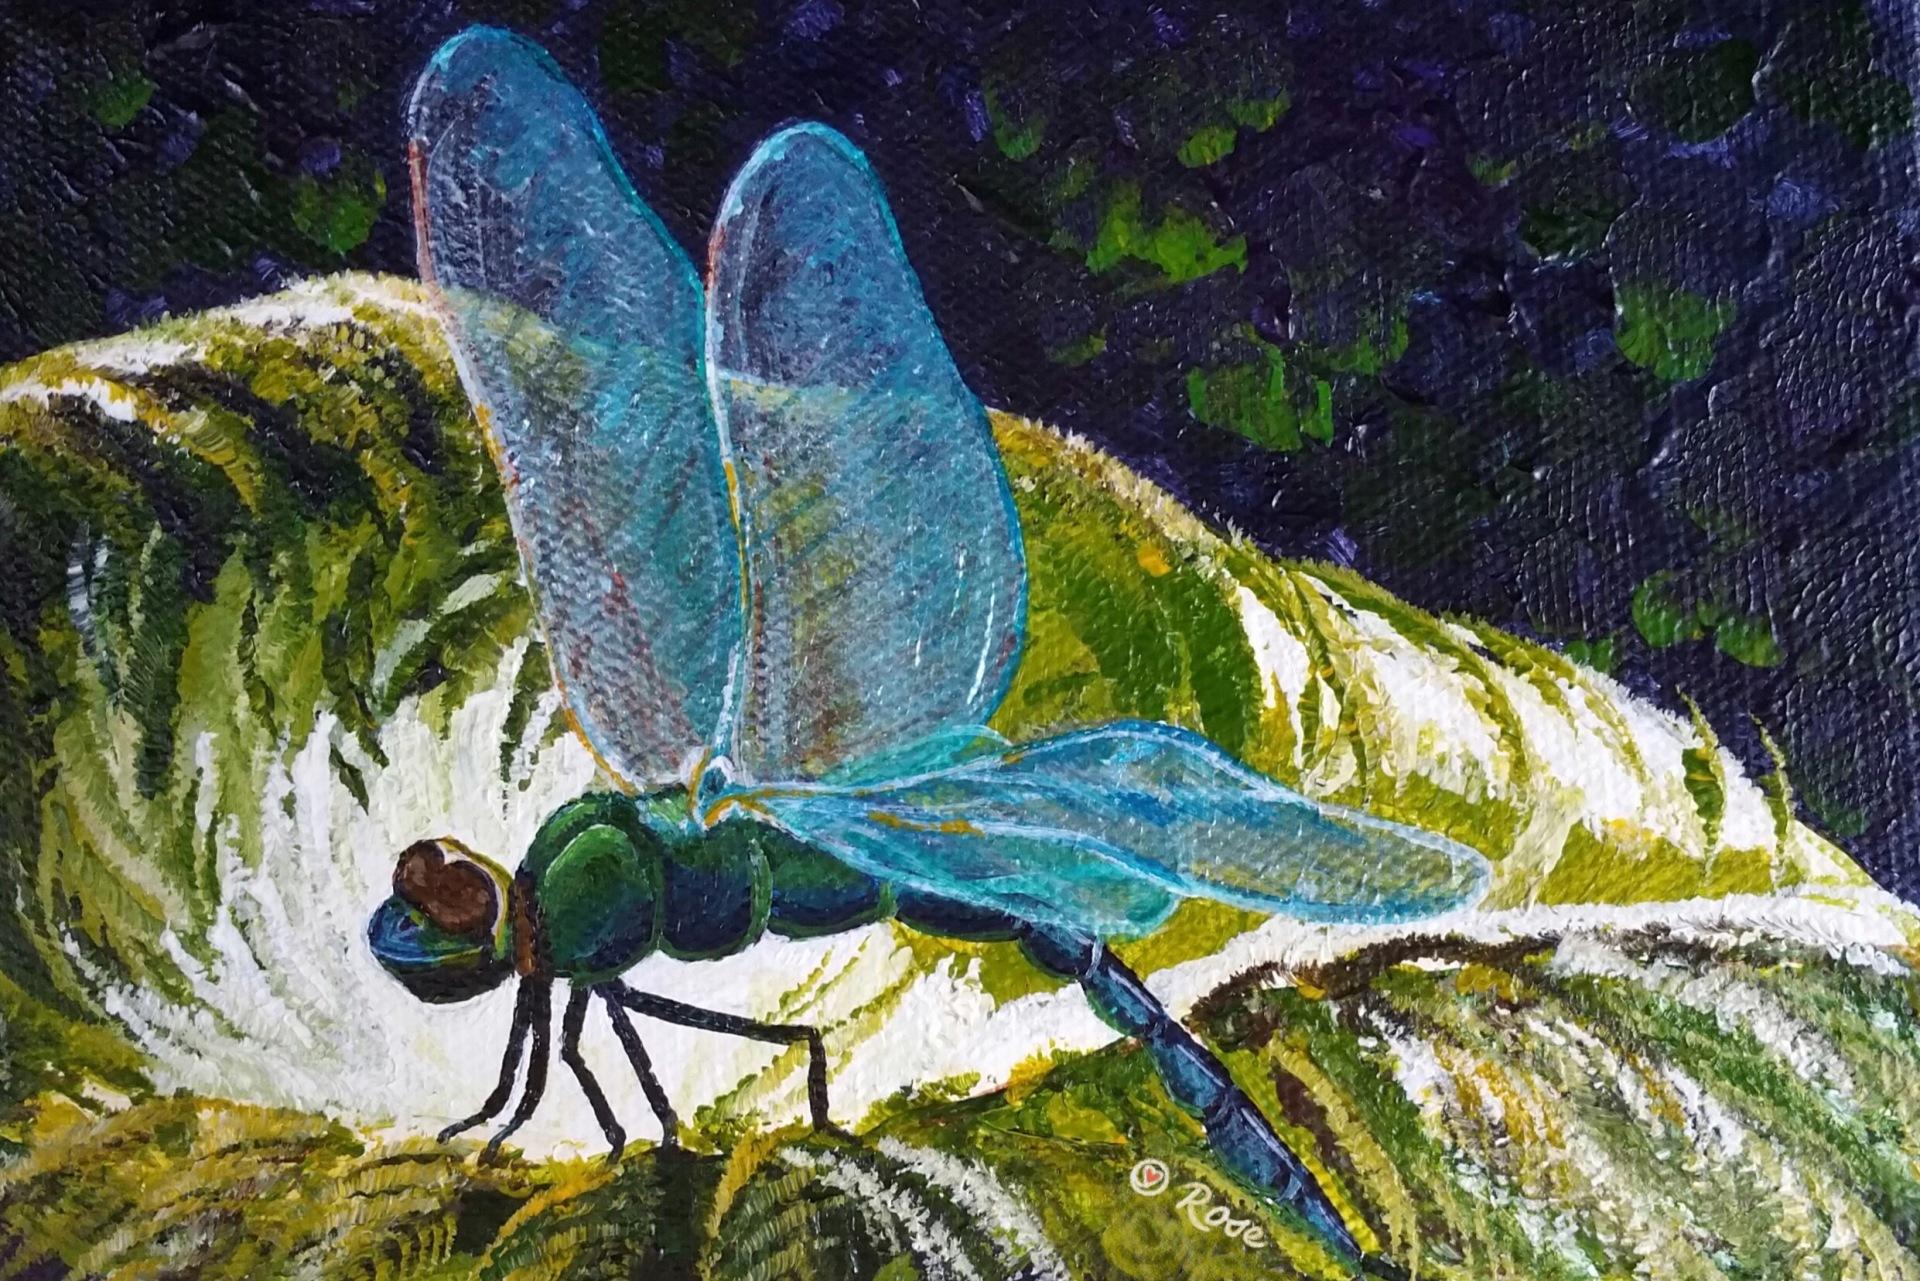 Hawaiian Dragonfly